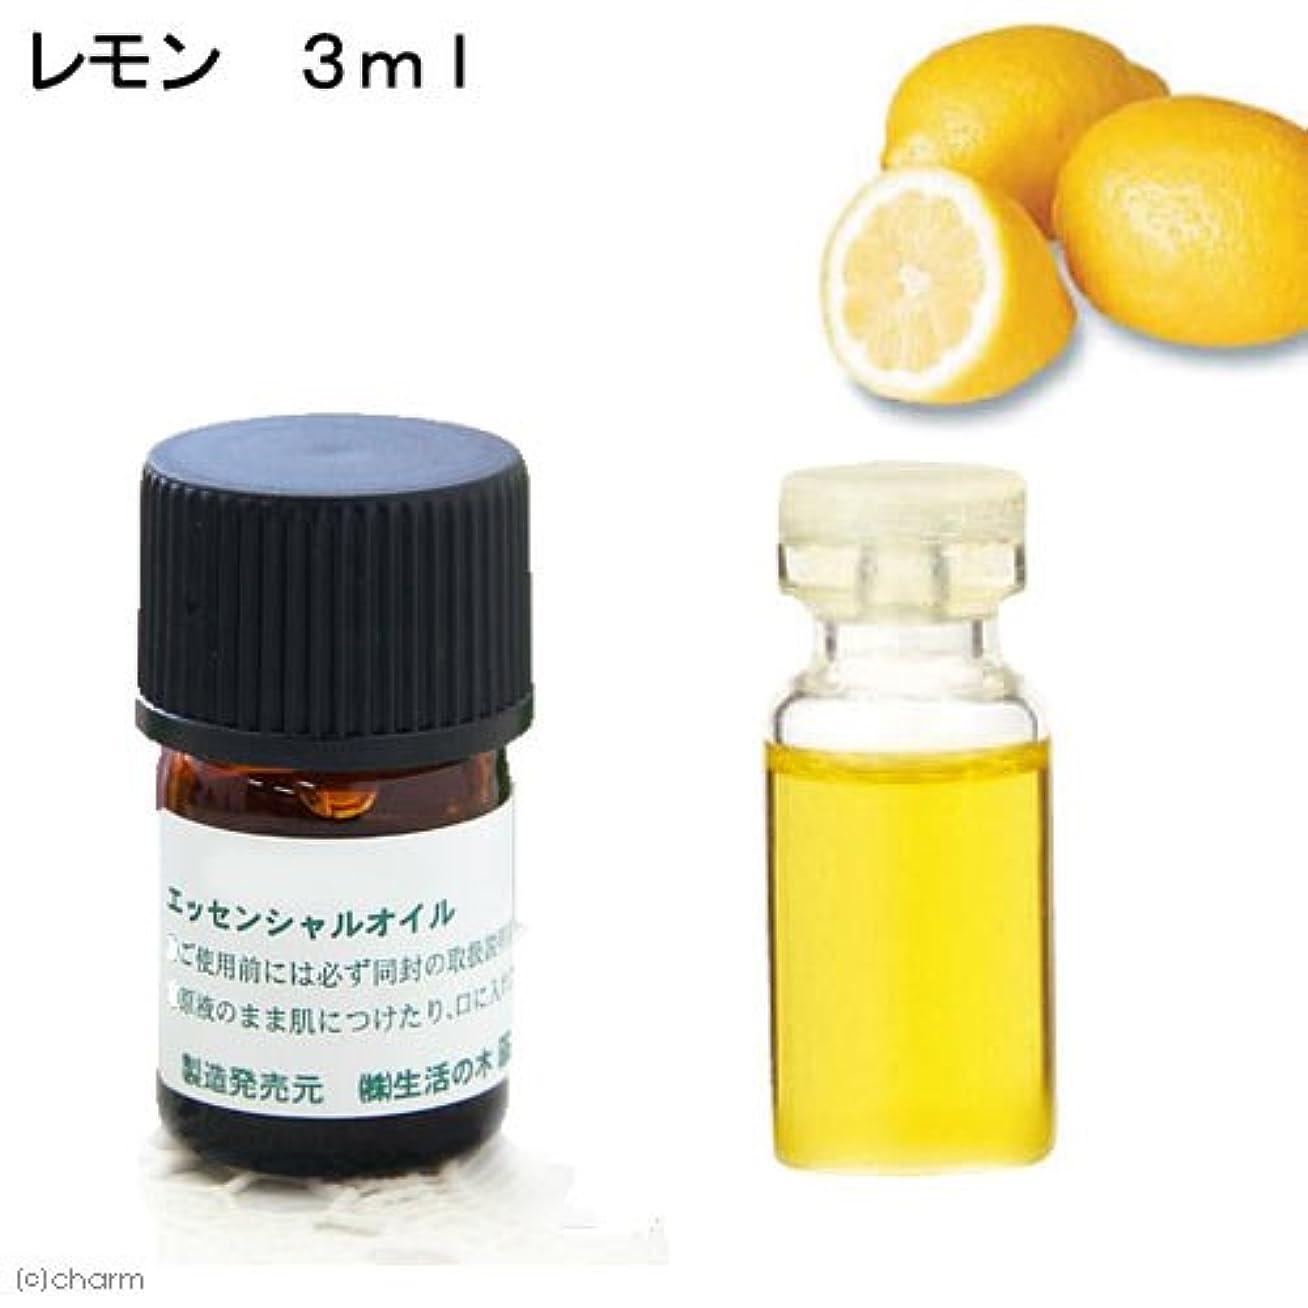 ヒントスポーツをするスプレー生活の木 レモン 3ml